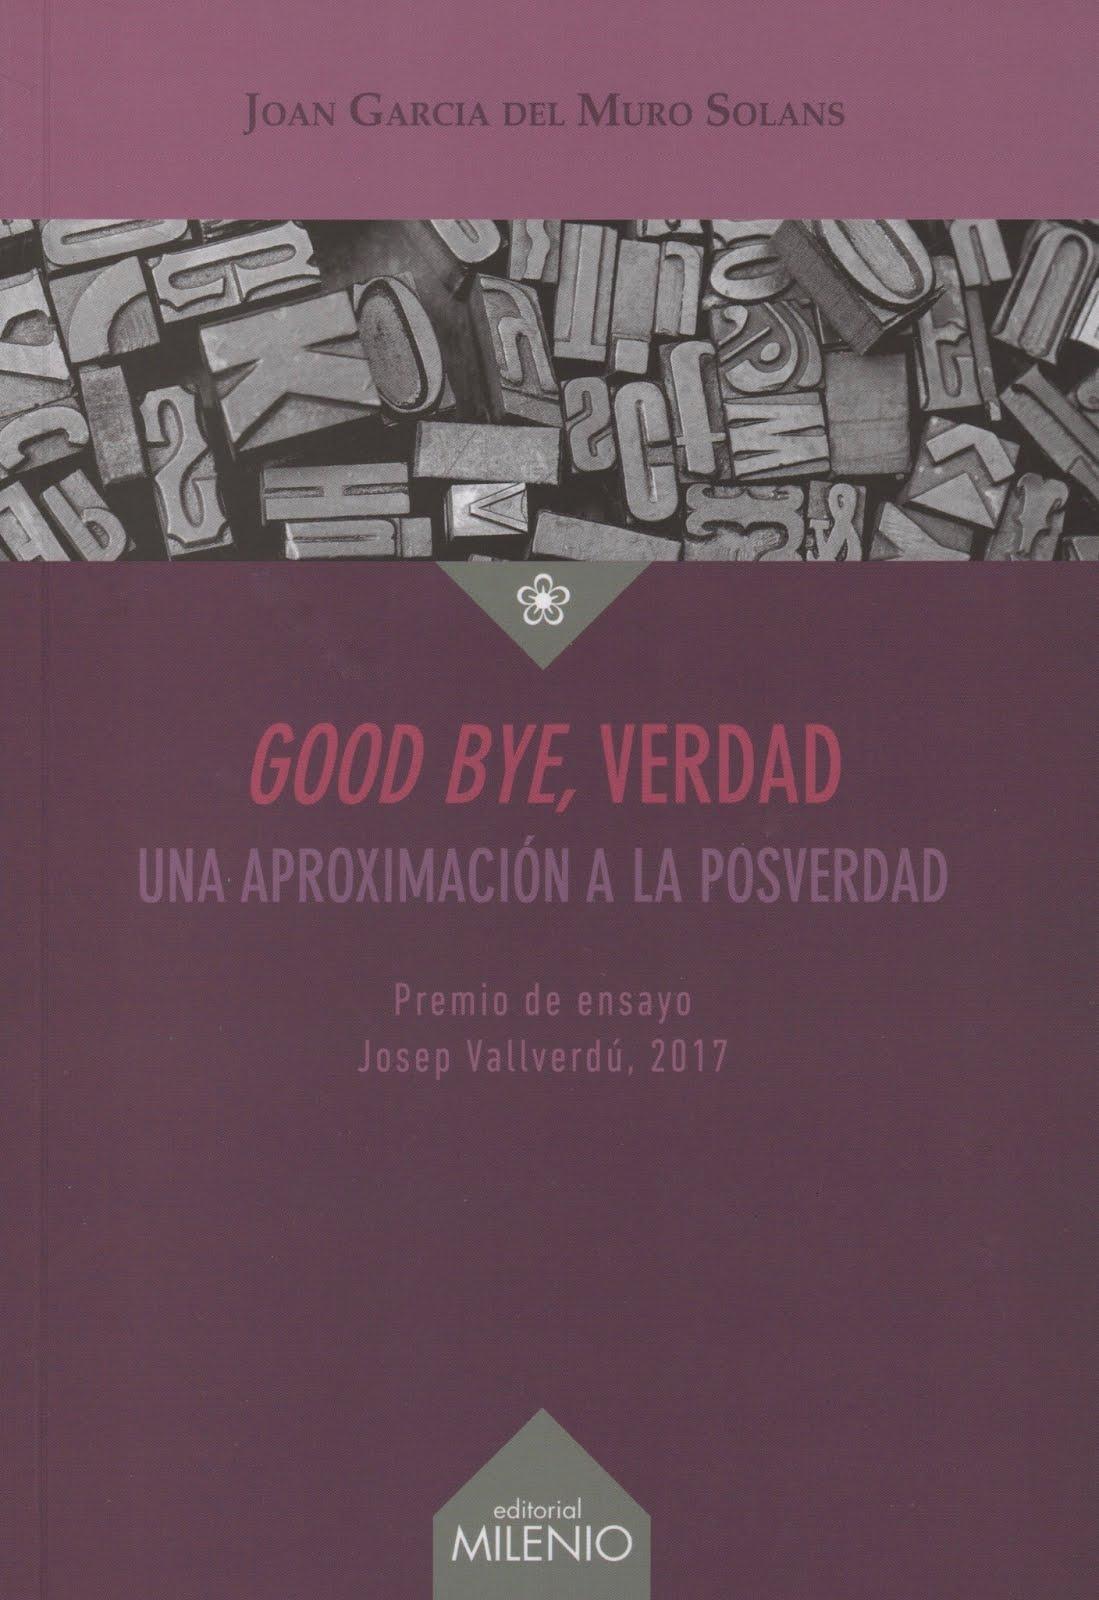 Joan Garcia del Muro Solans (Good Bye,verdad) Una aproximación a la posverdad